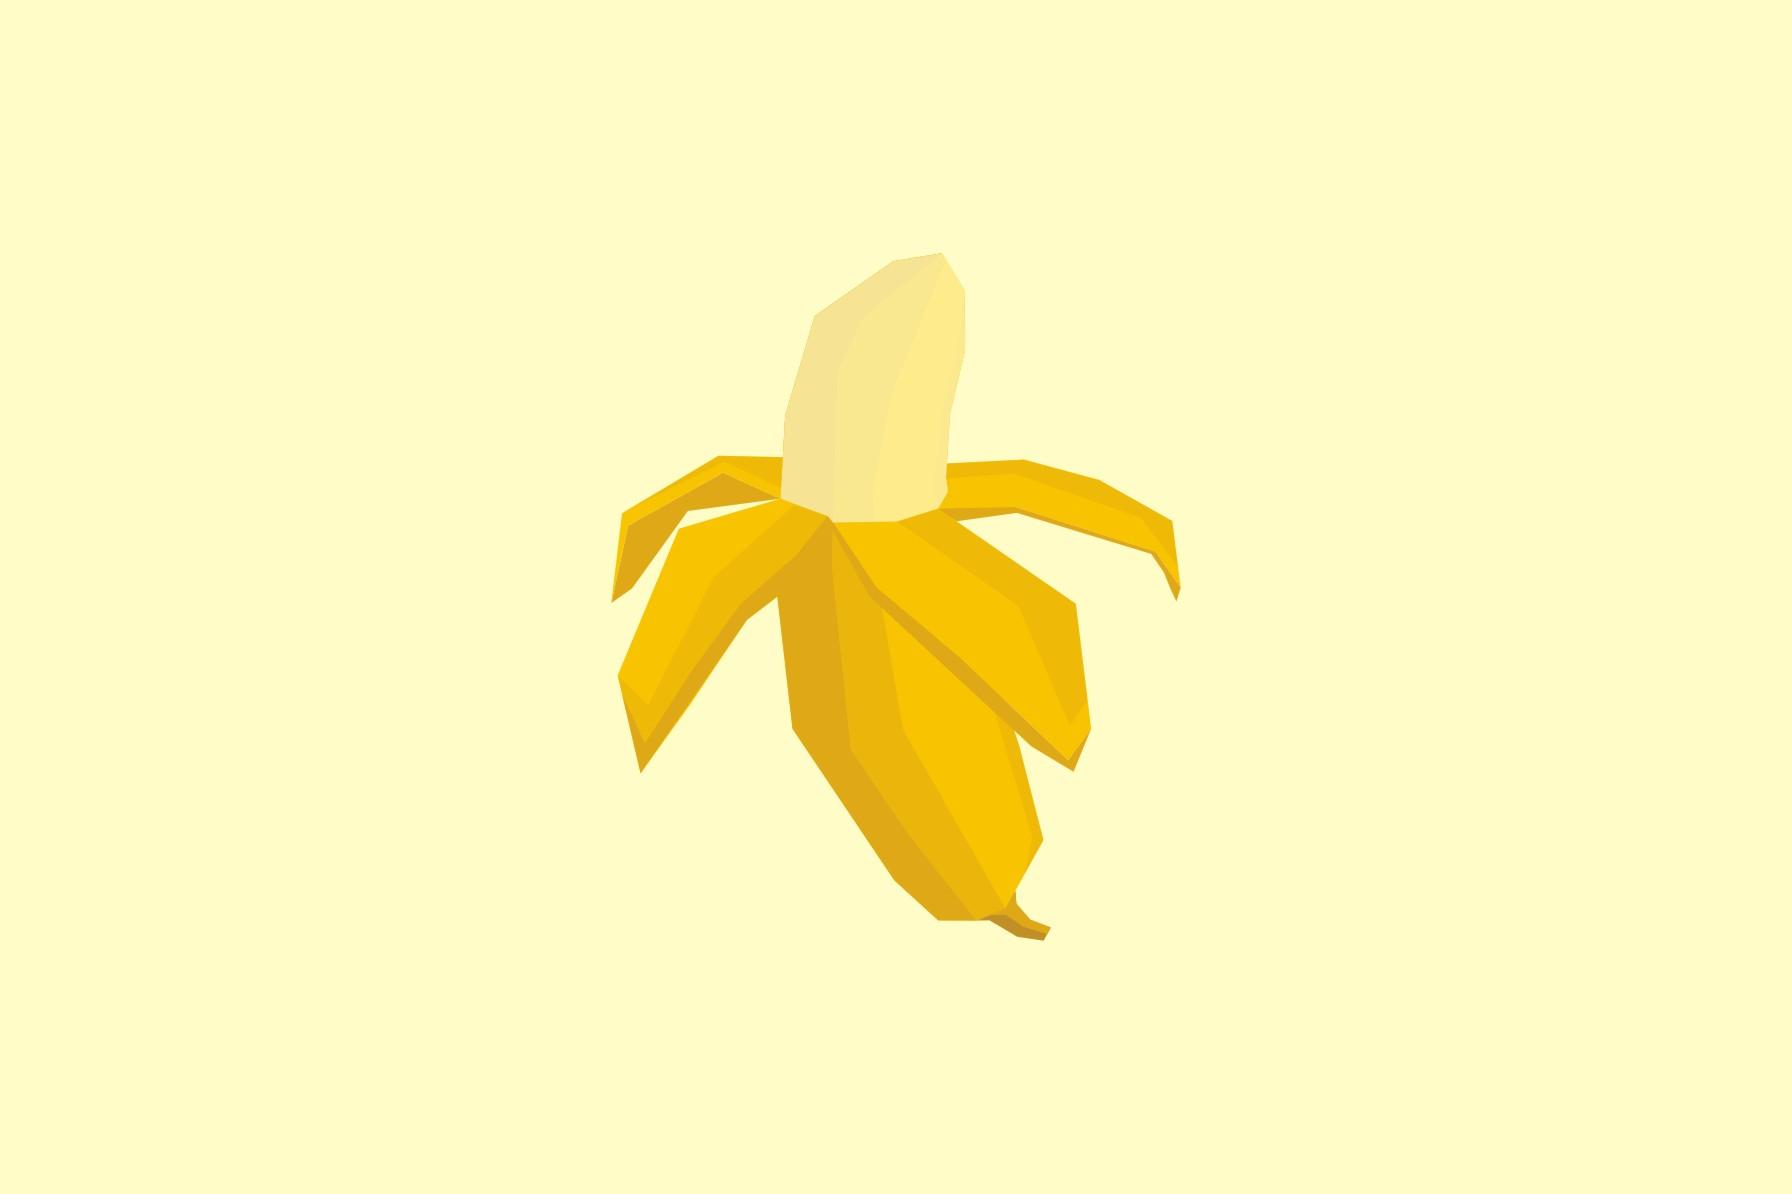 Kalau makan pisang jangan dibuang kulitnya, ampuh obatin jerawat lho!